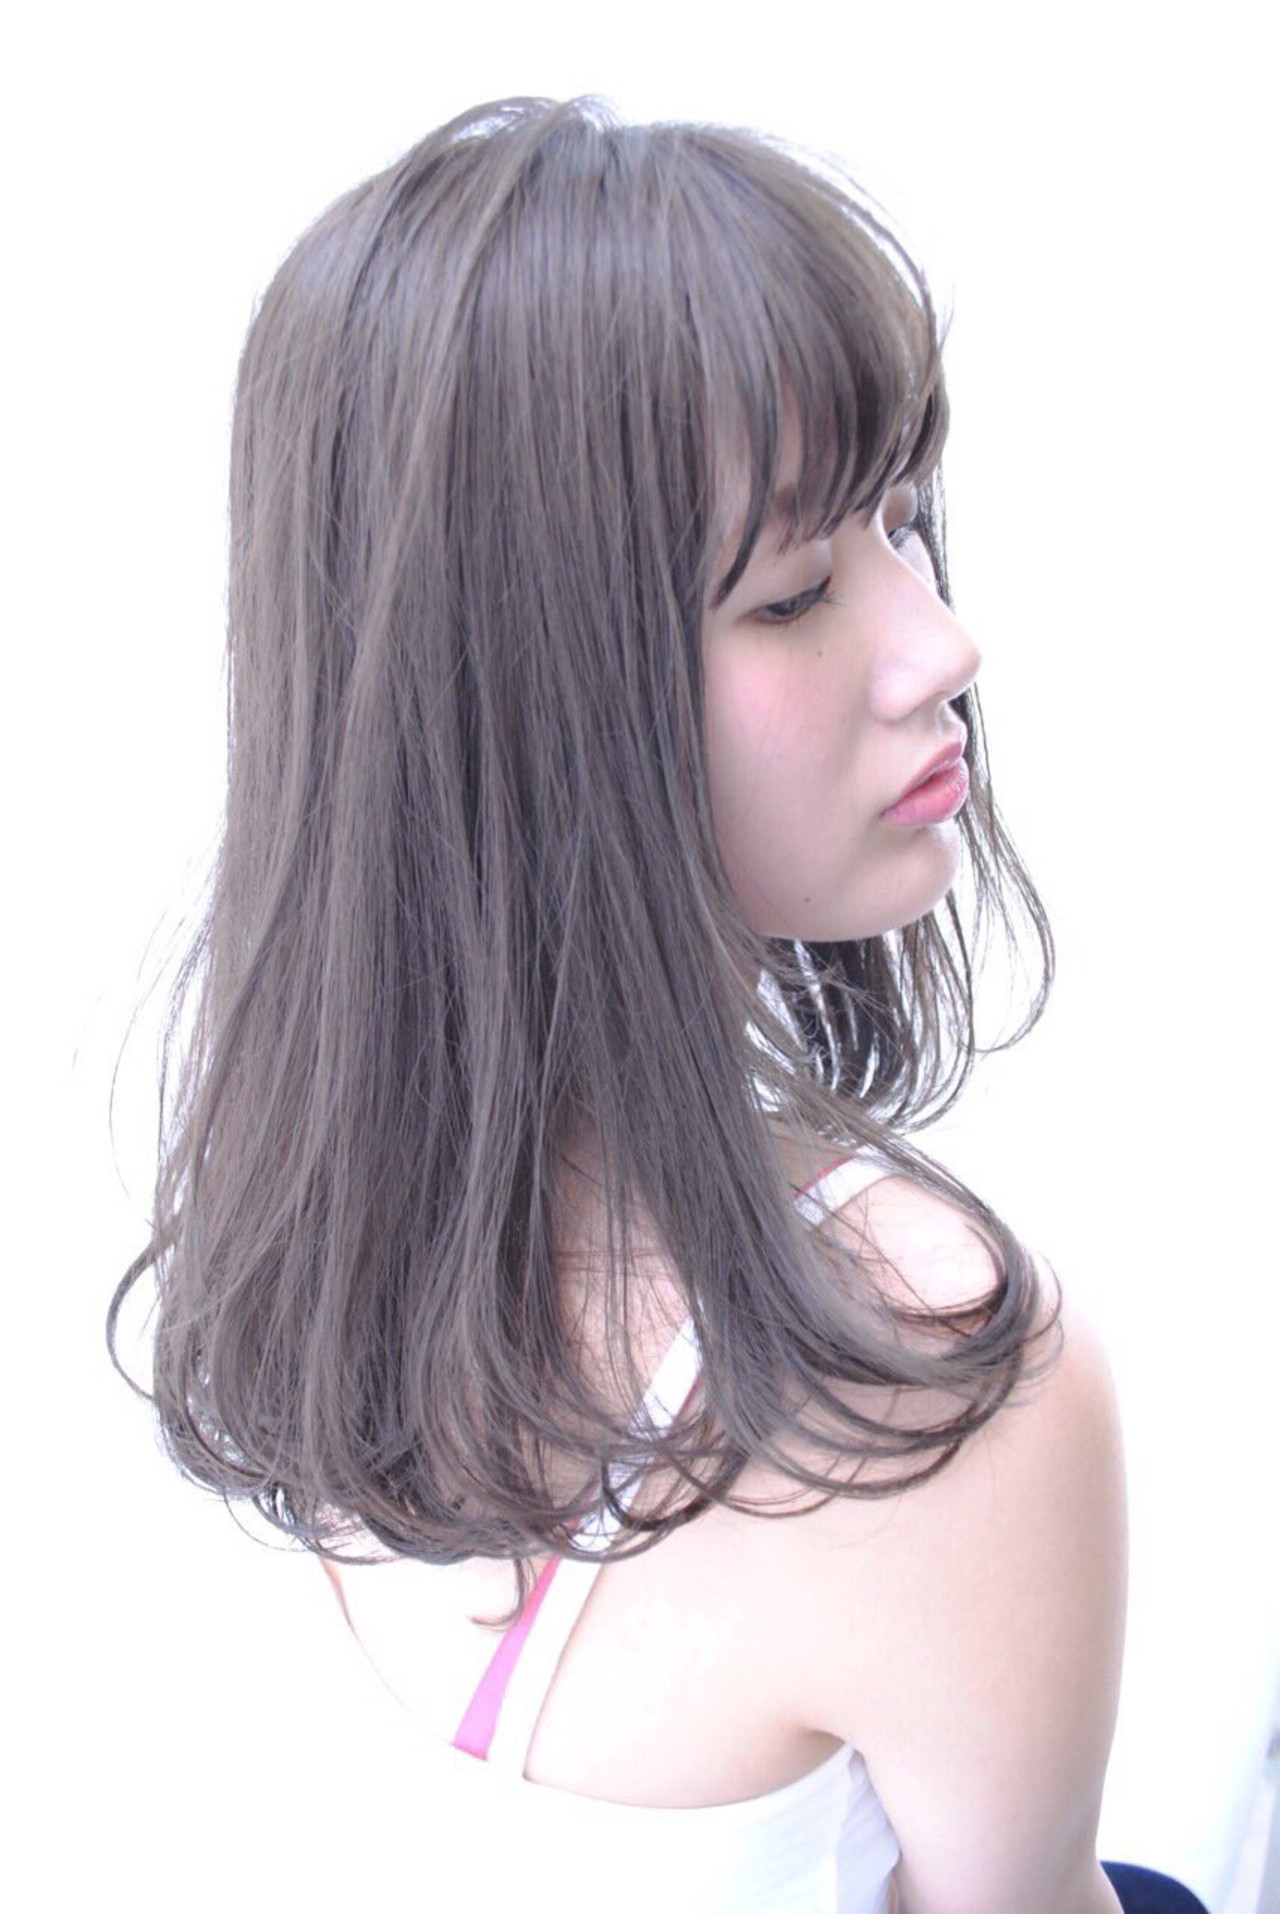 ミディアム ガーリー アッシュグレージュ ヘアスタイルや髪型の写真・画像 | 城崎萌花 /